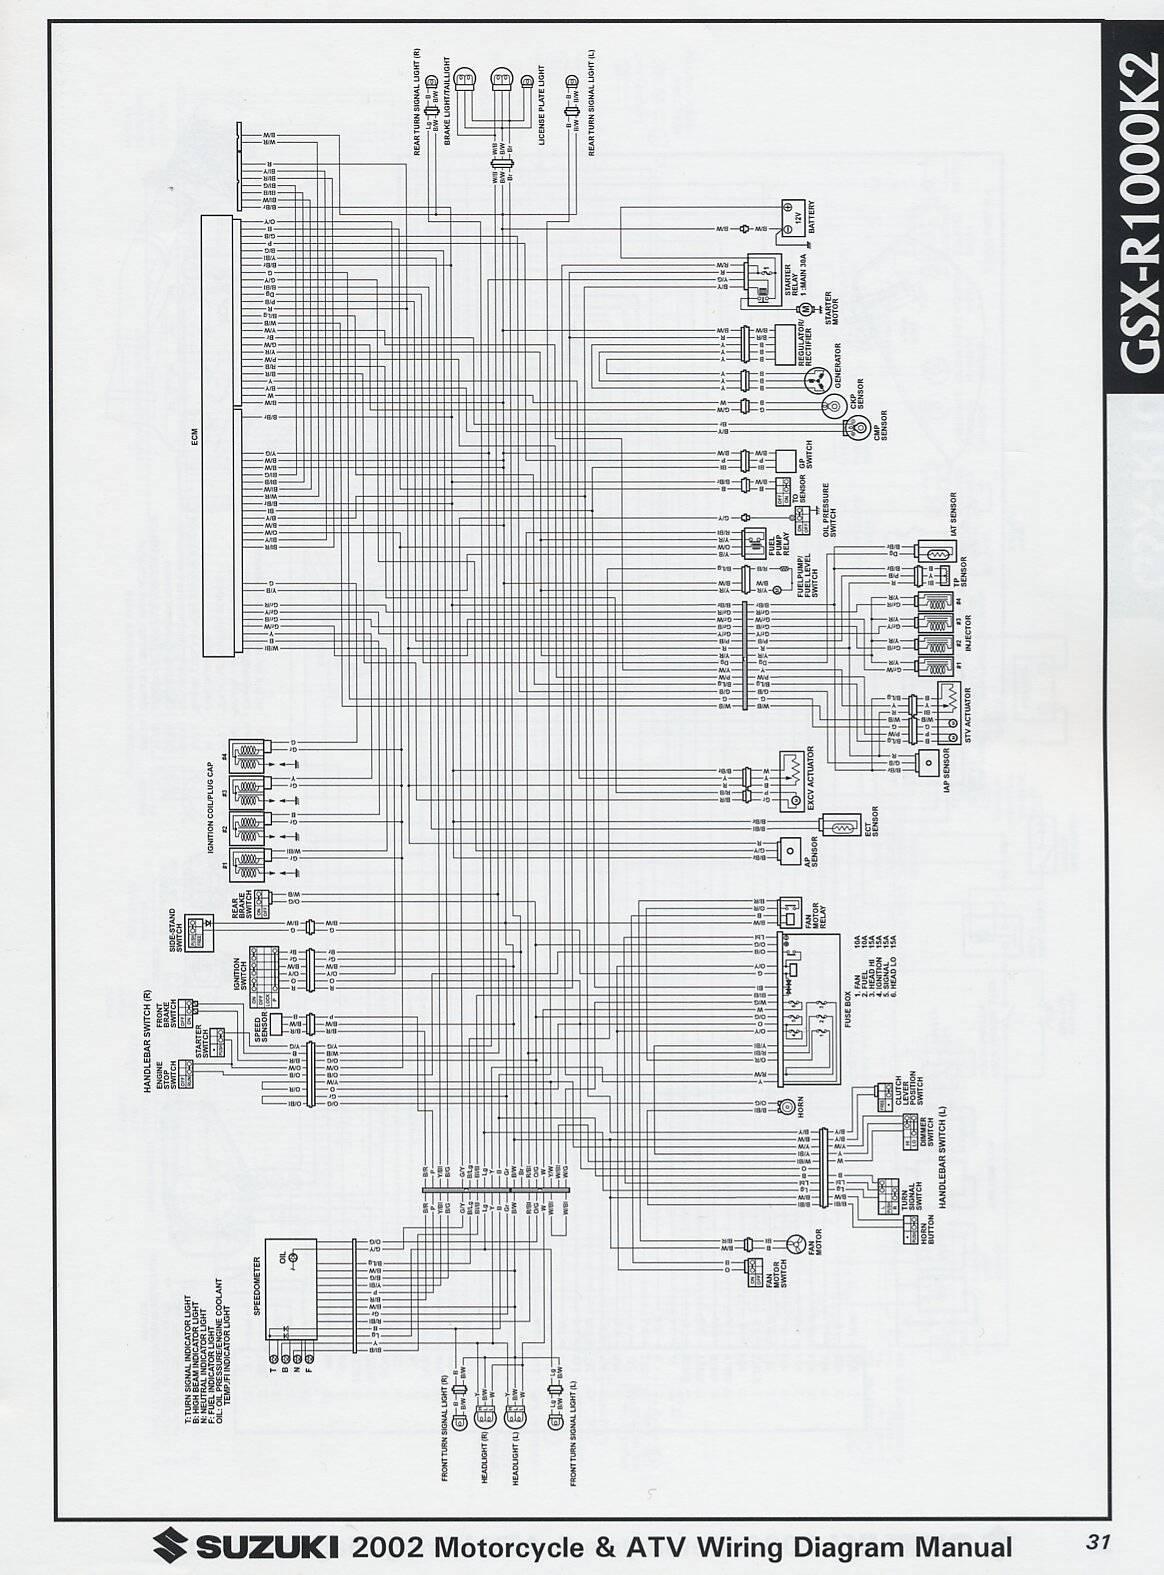 2004 Gsxr 1000 Wiring Diagram